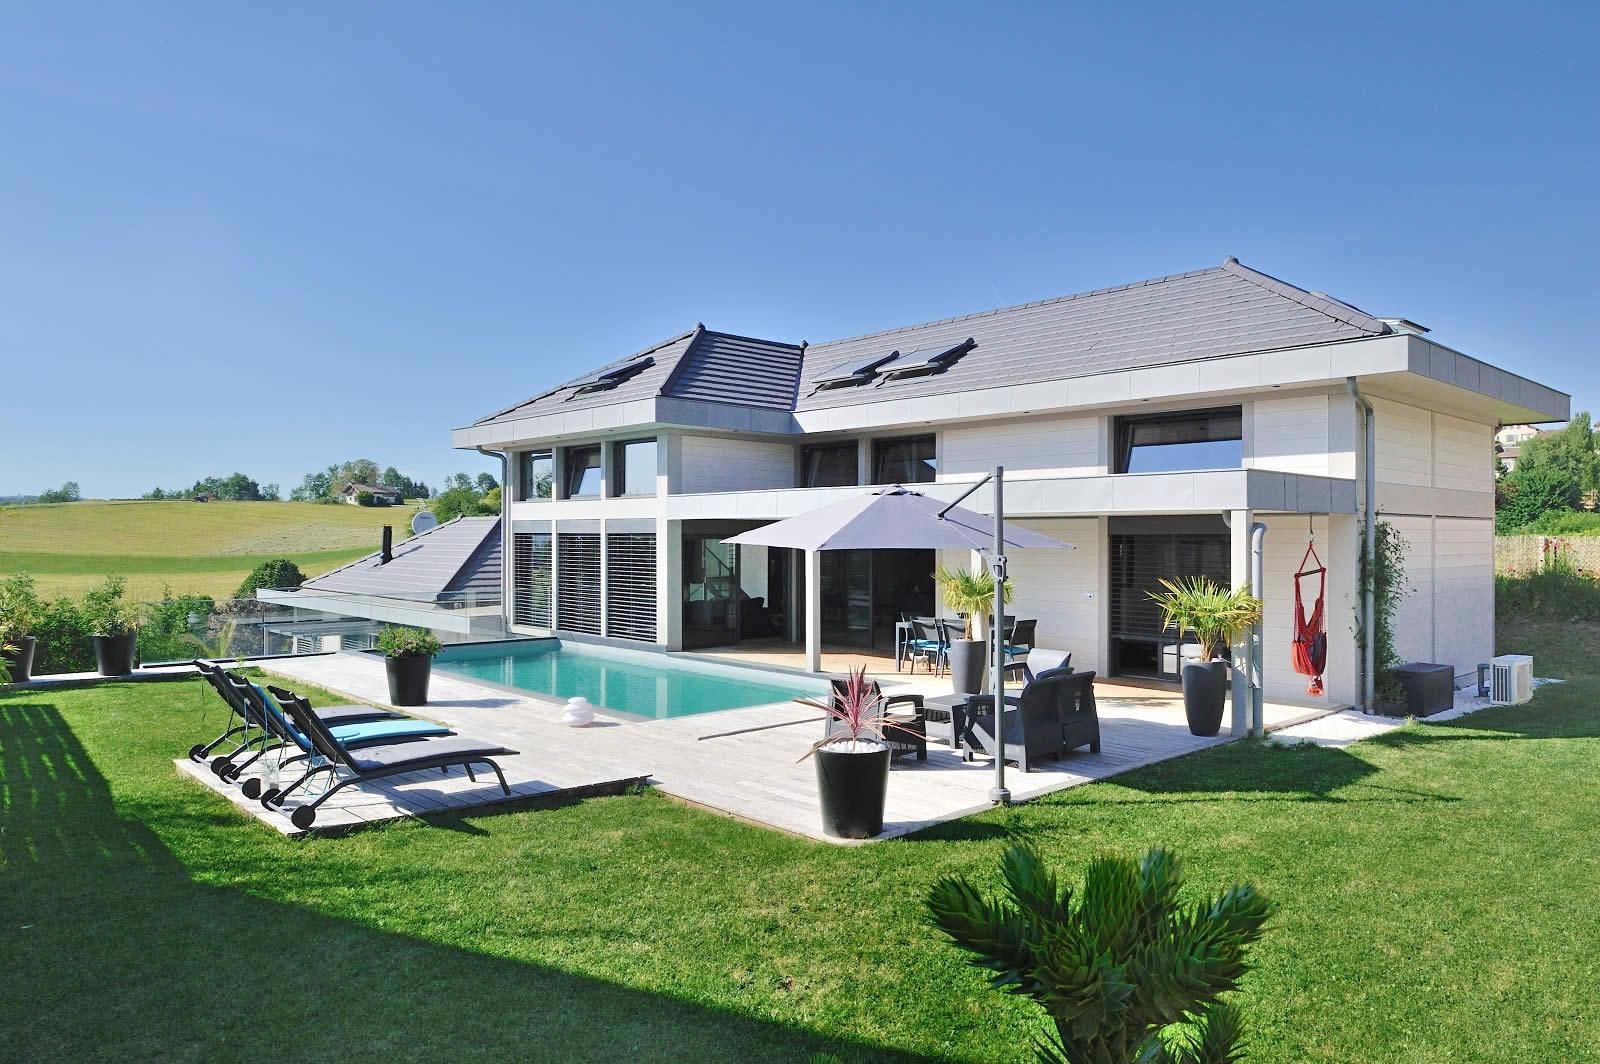 Villa contemporaine a vendre salle cinema piscine 4